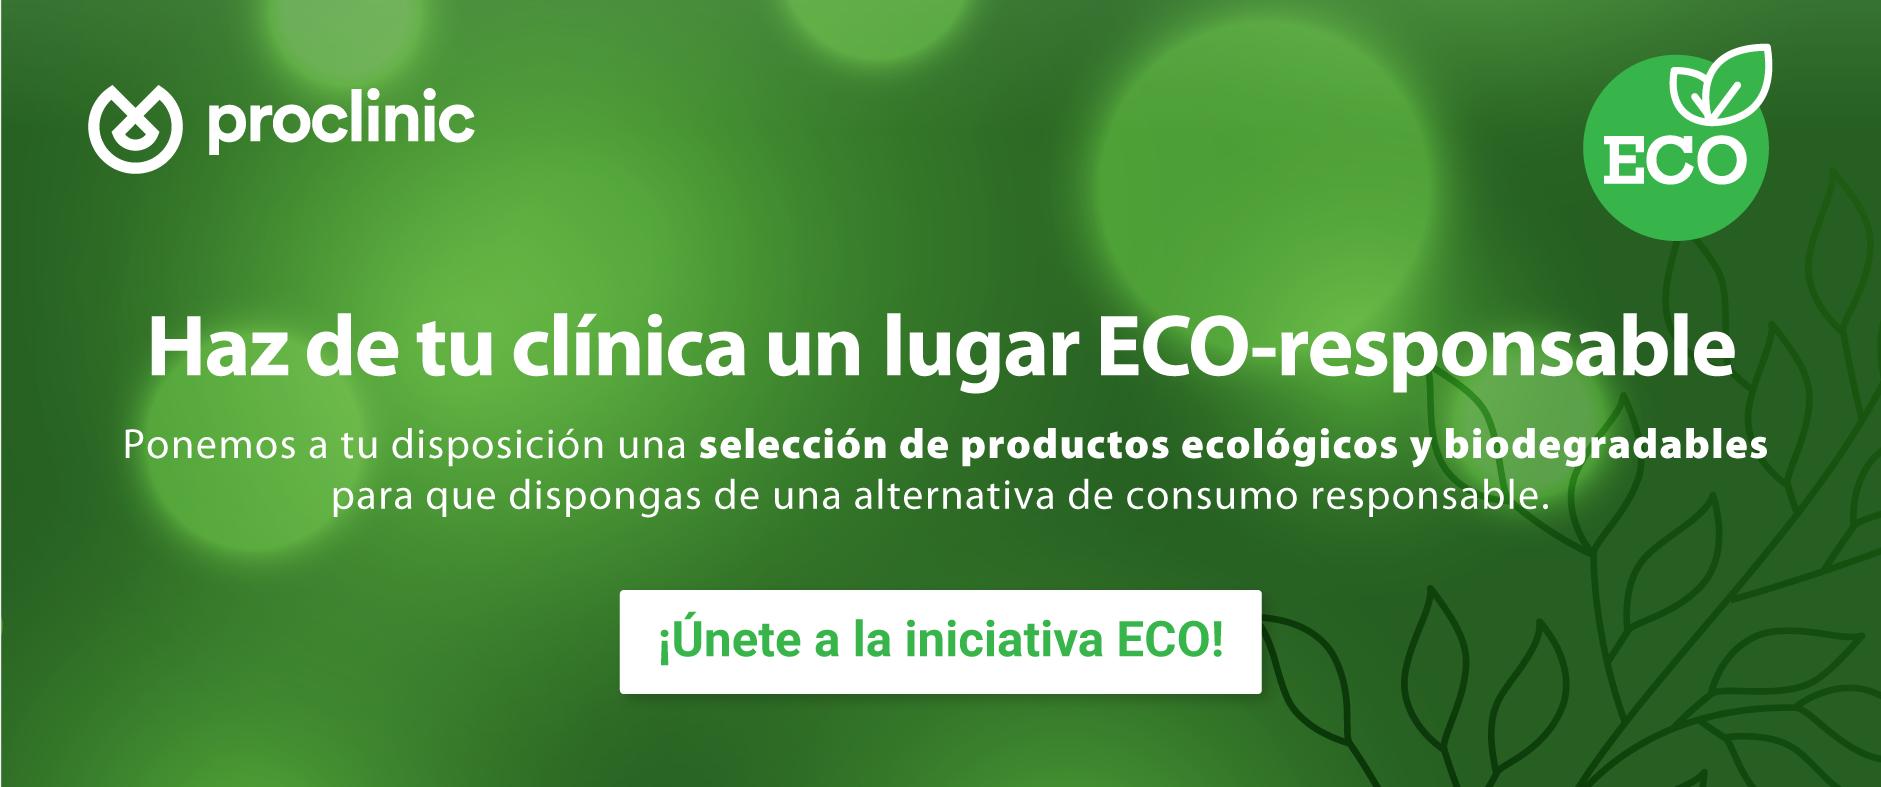 Proclinic ECO